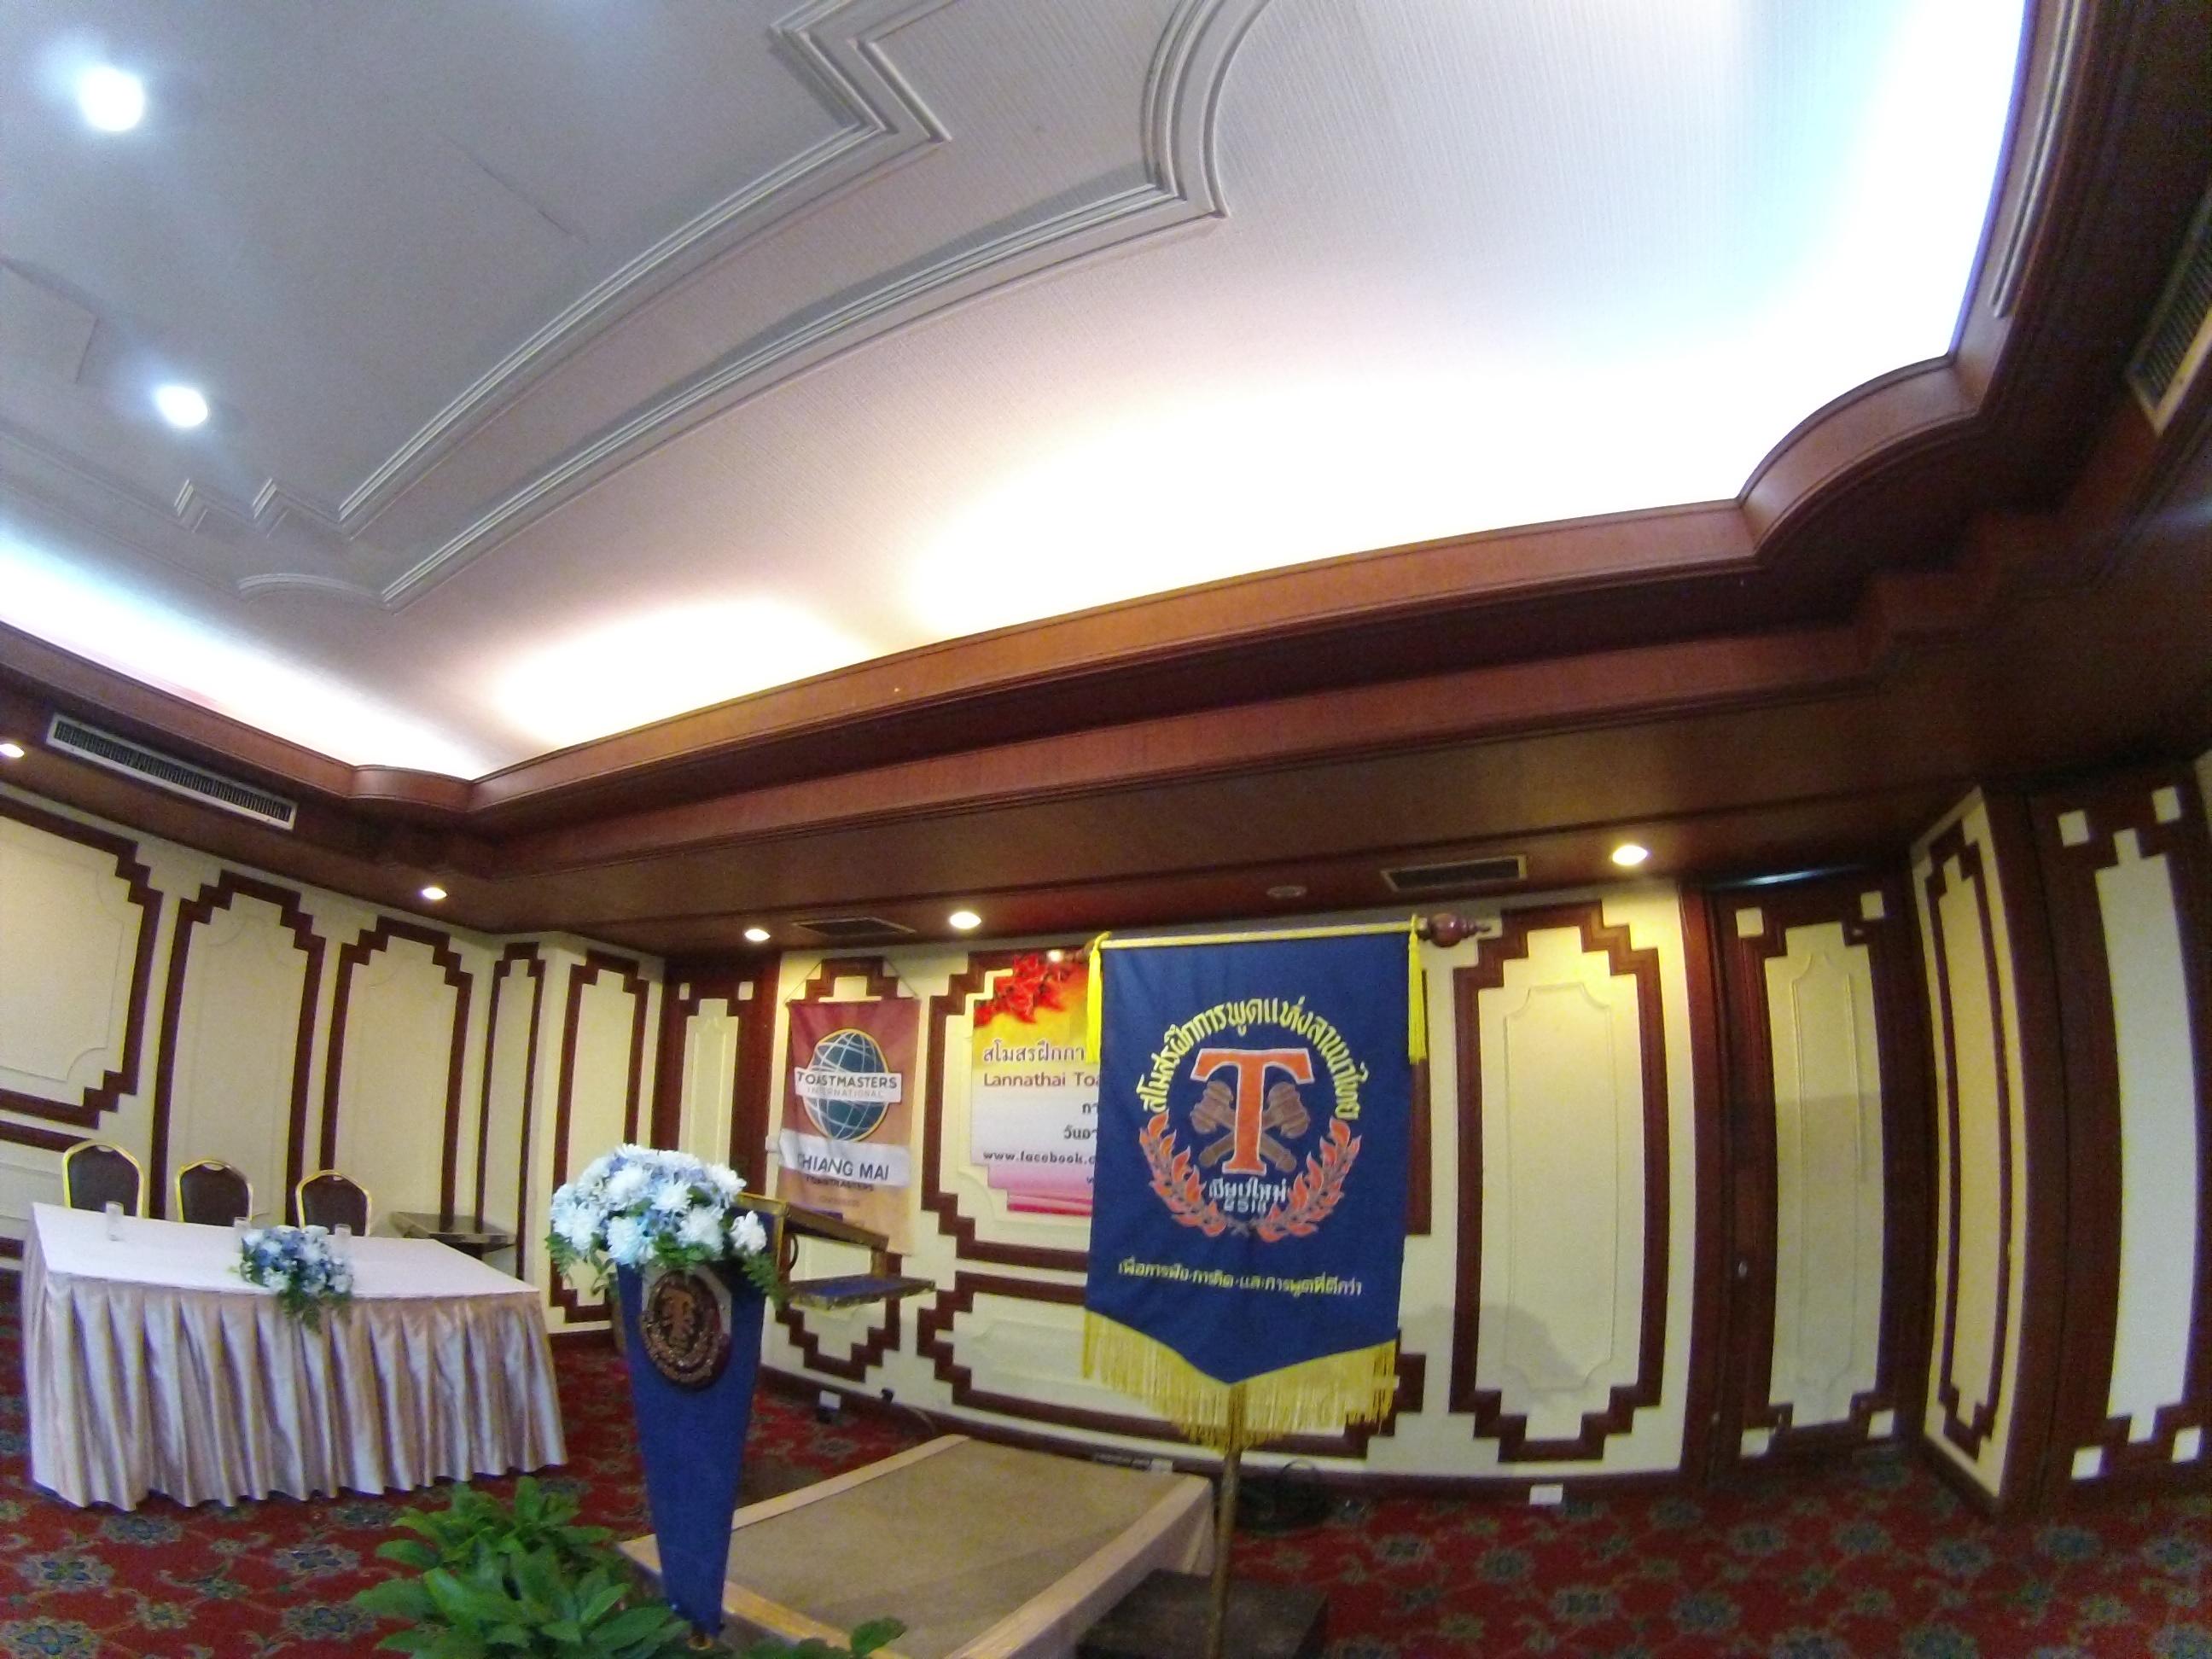 Niesamowite spotkanie Toastmasters w Chiang Mai w Tajlandii